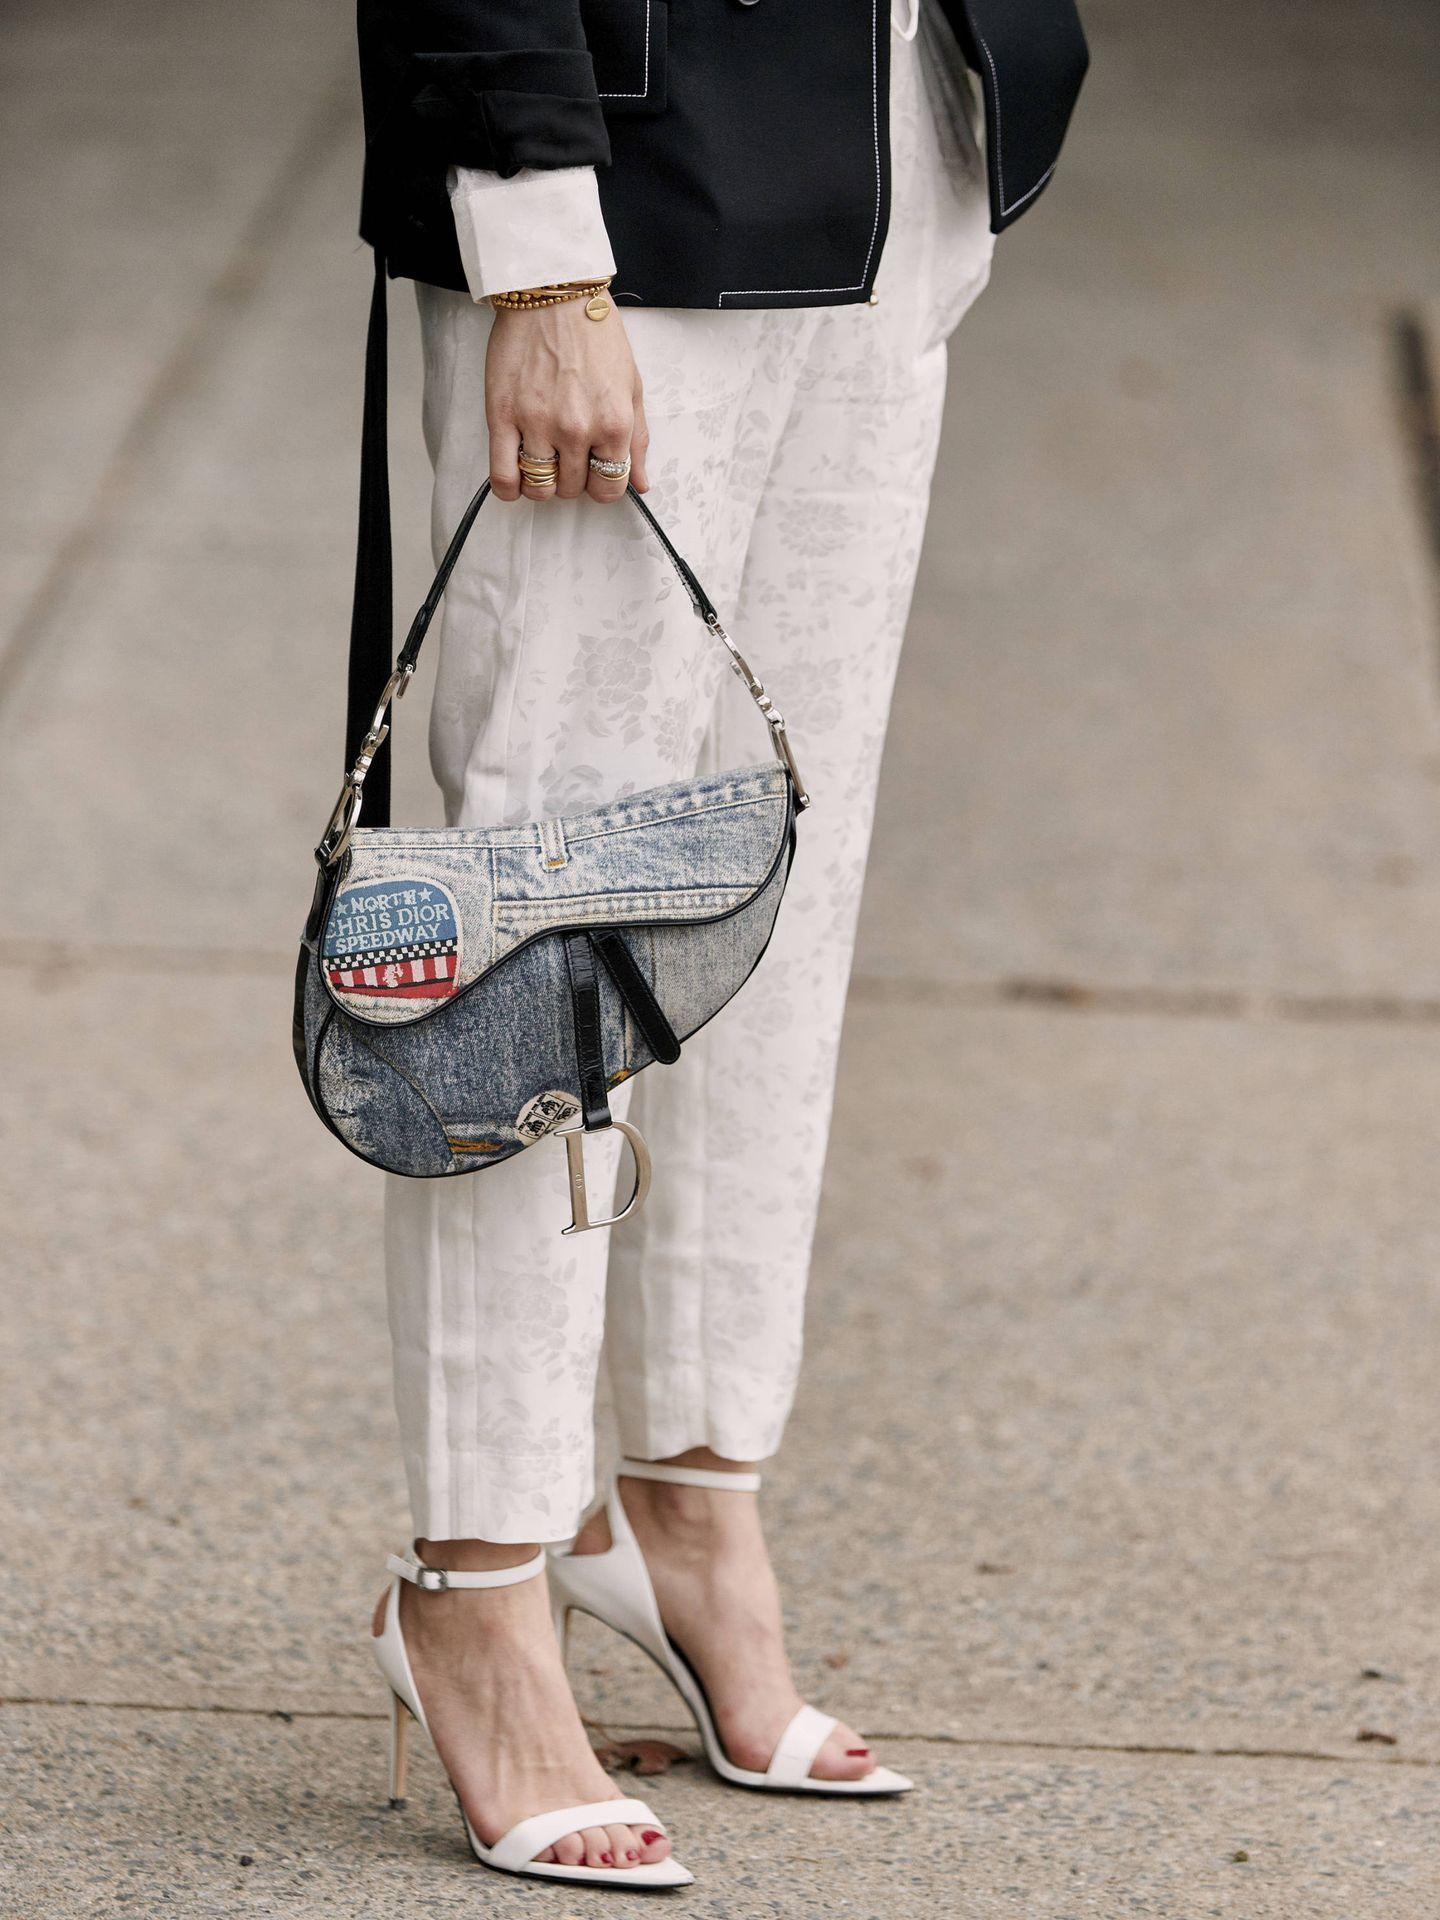 Sin duda las sandalias blancas van a ser el par estrella del verano (Imaxtree)